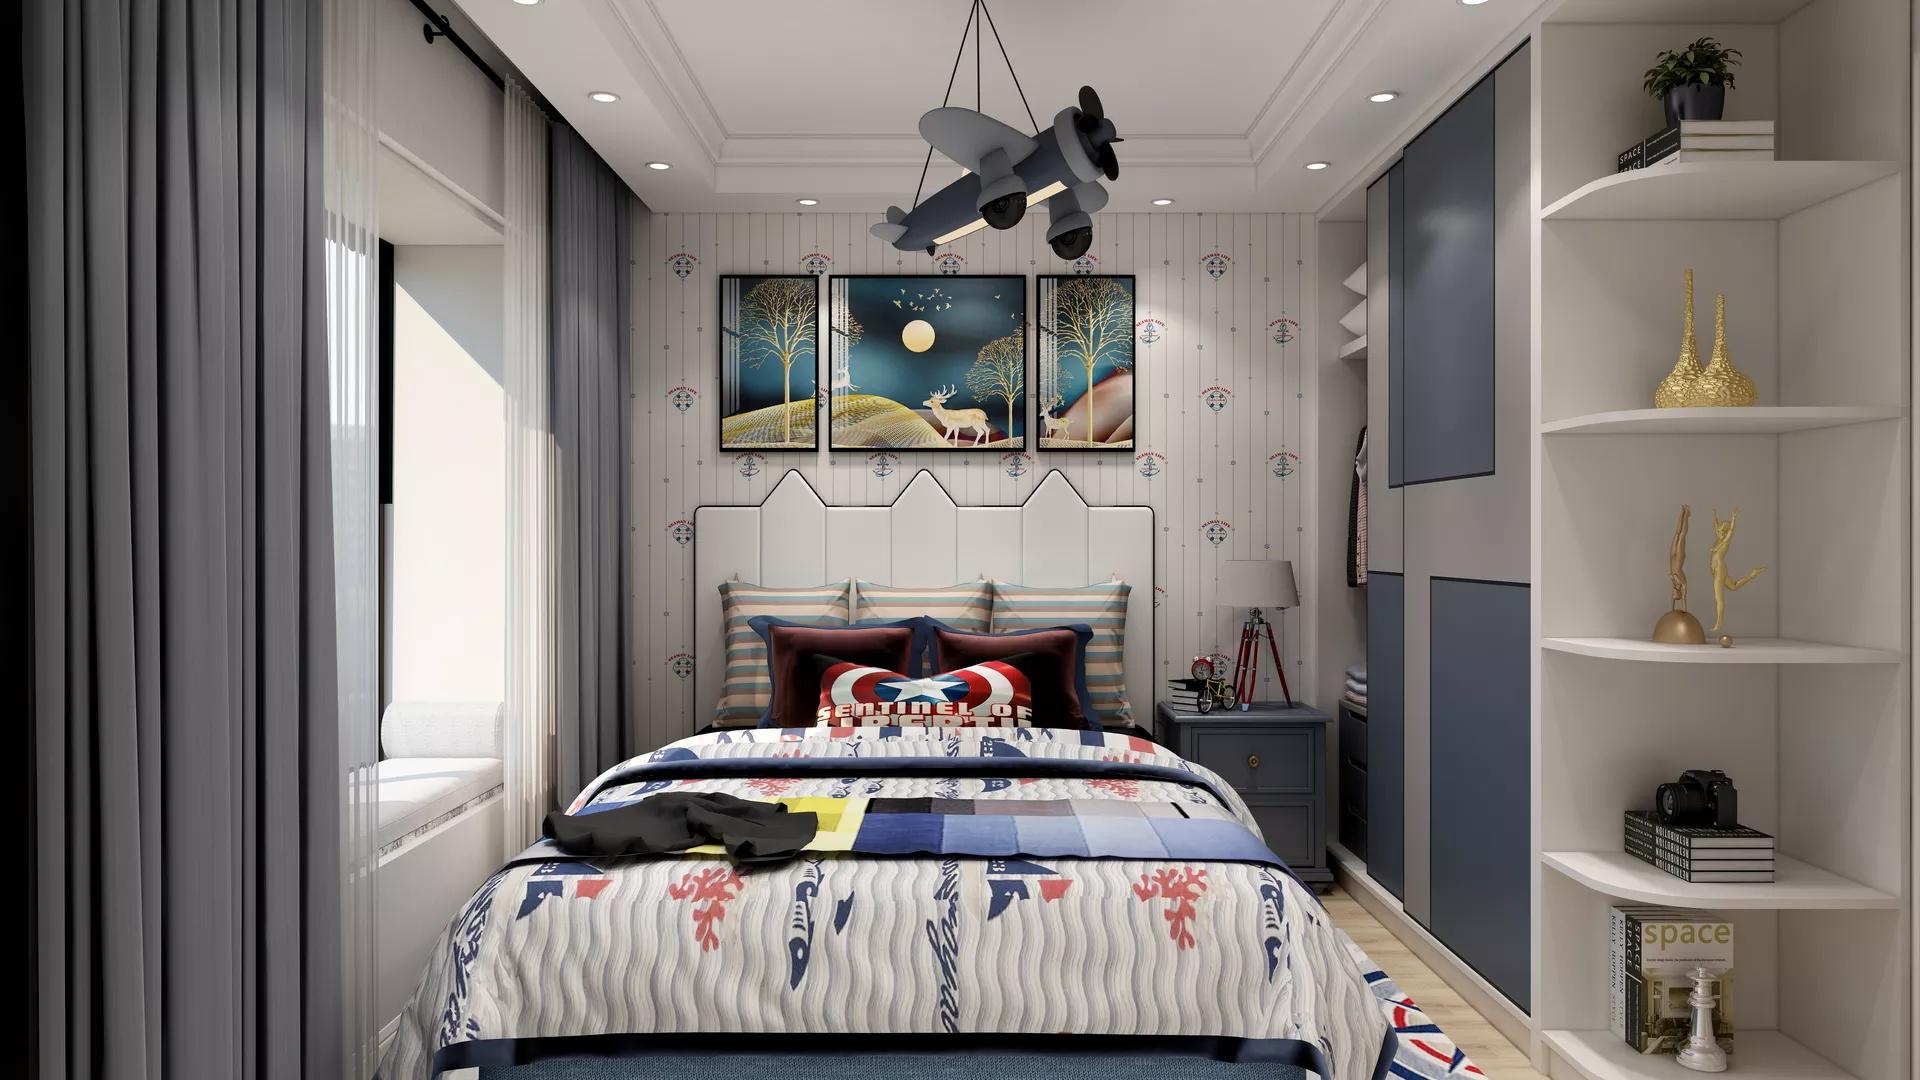 怎么设计旋转电视背景墙 旋转电视安装方法